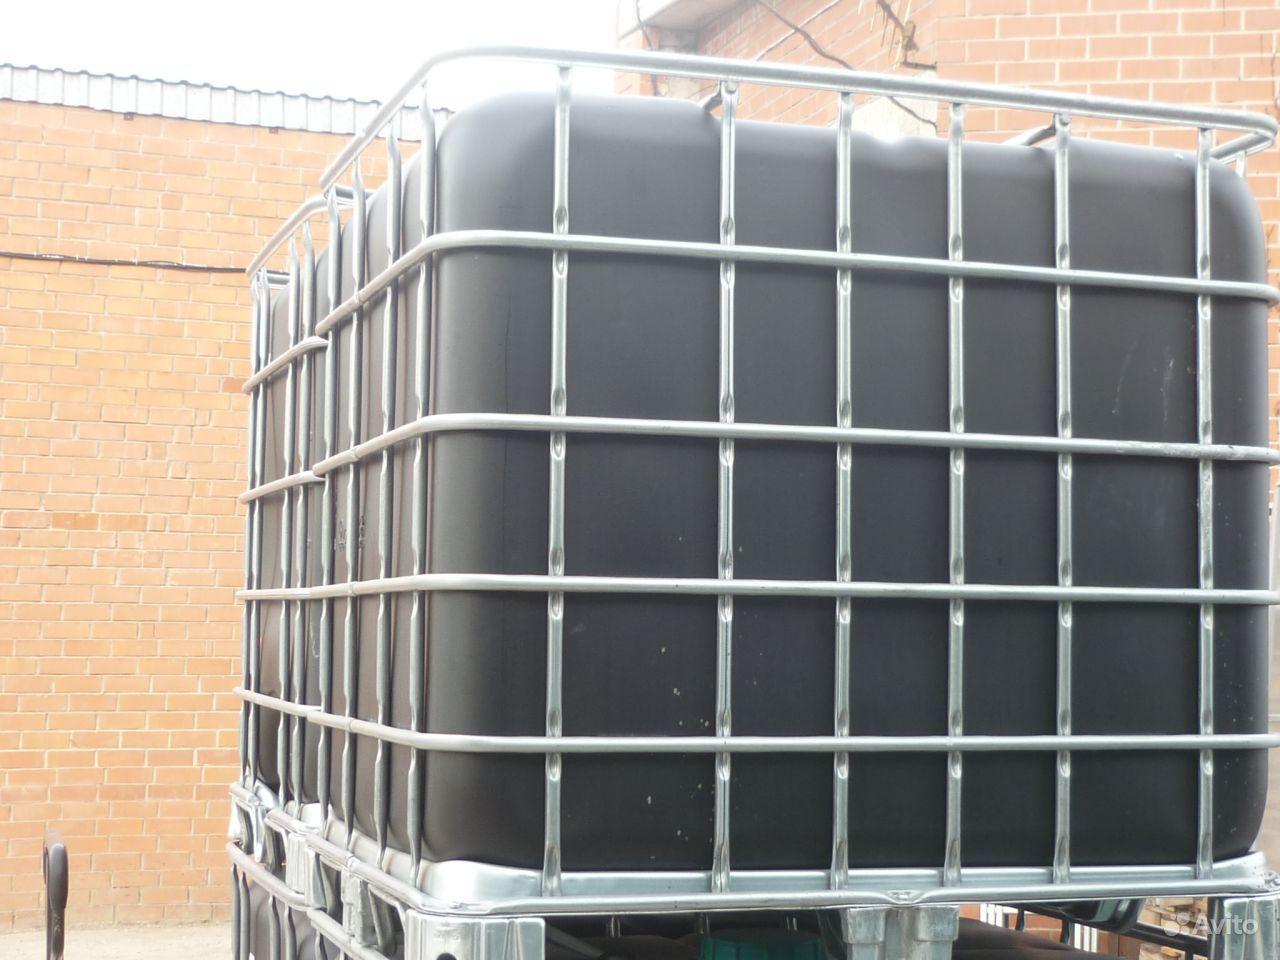 Купить кубические емкости еврокубы для воды в Москве